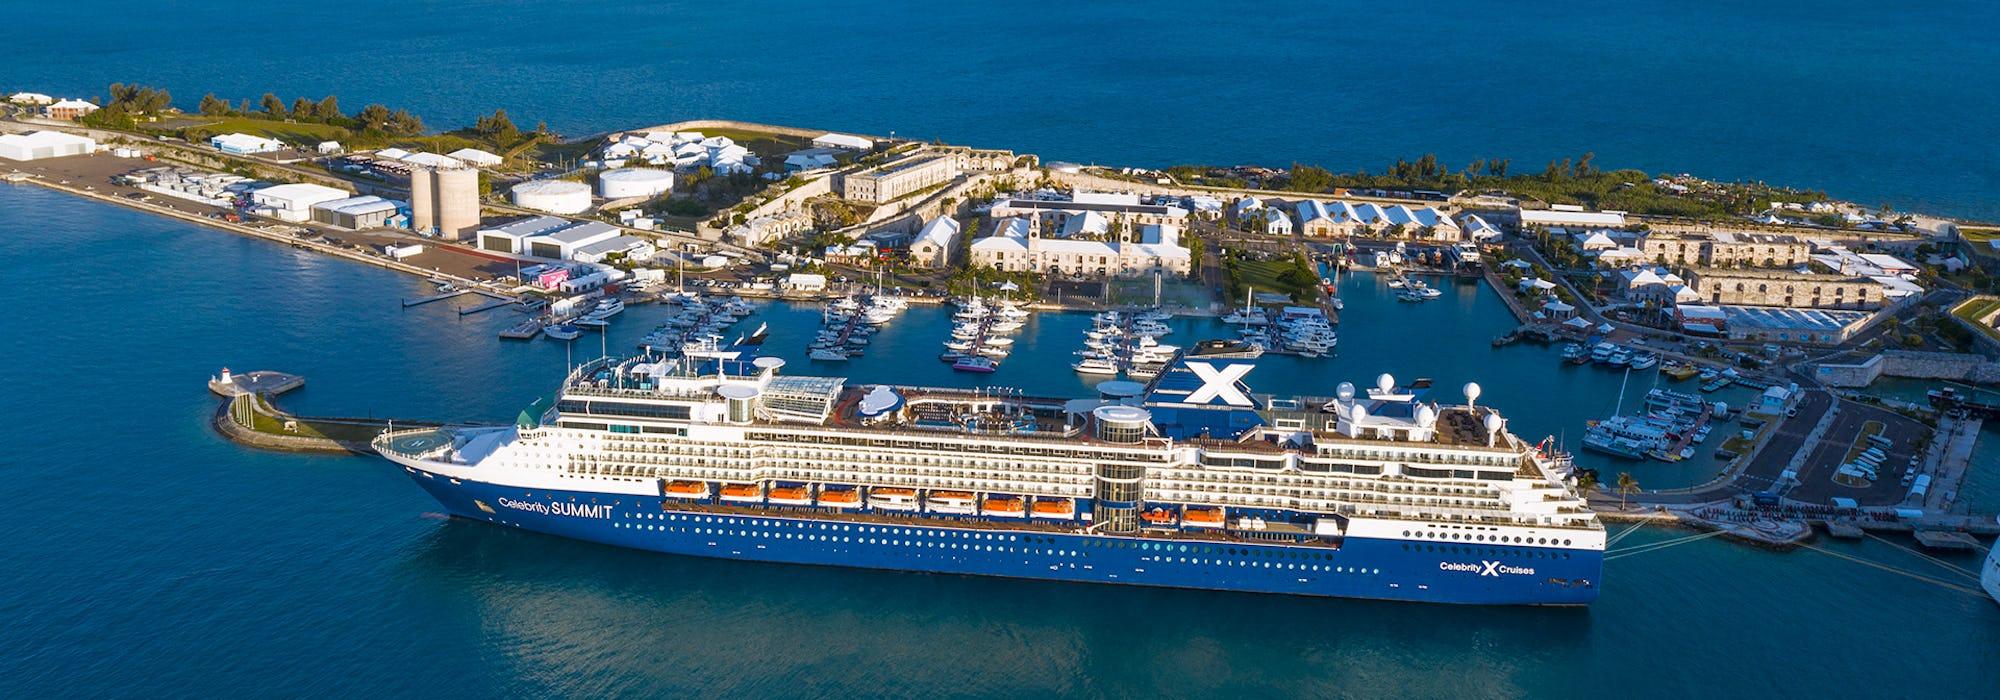 Bild från sidan på Celebrity Summit som passerar en liten ö och marina.